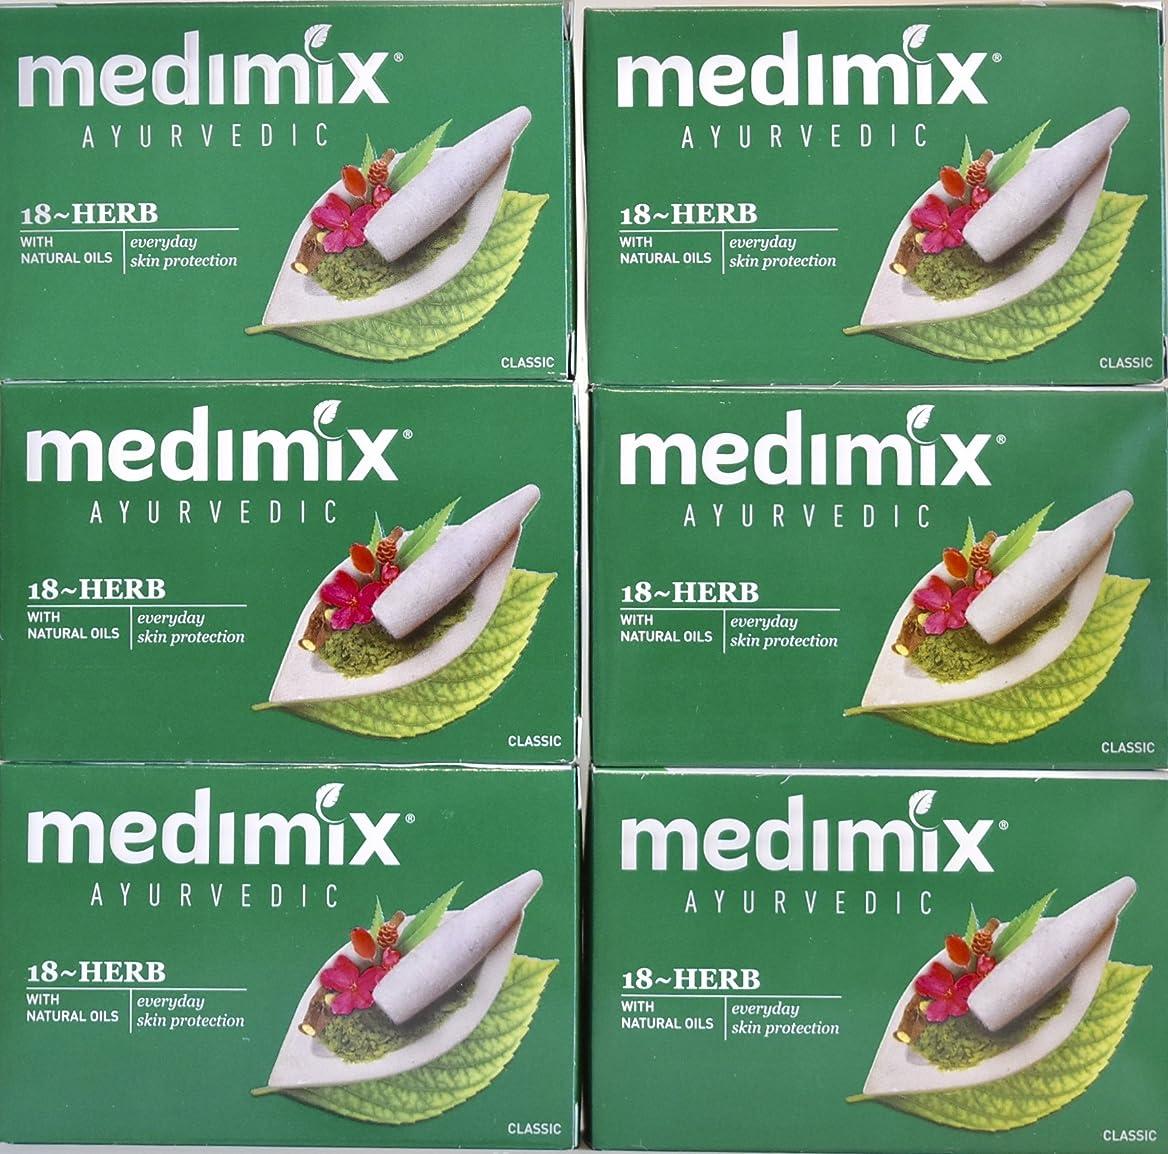 過激派分解する穀物MEDIMIX メディミックス アーユルヴェーダ石鹸 18ハーブス6個セット